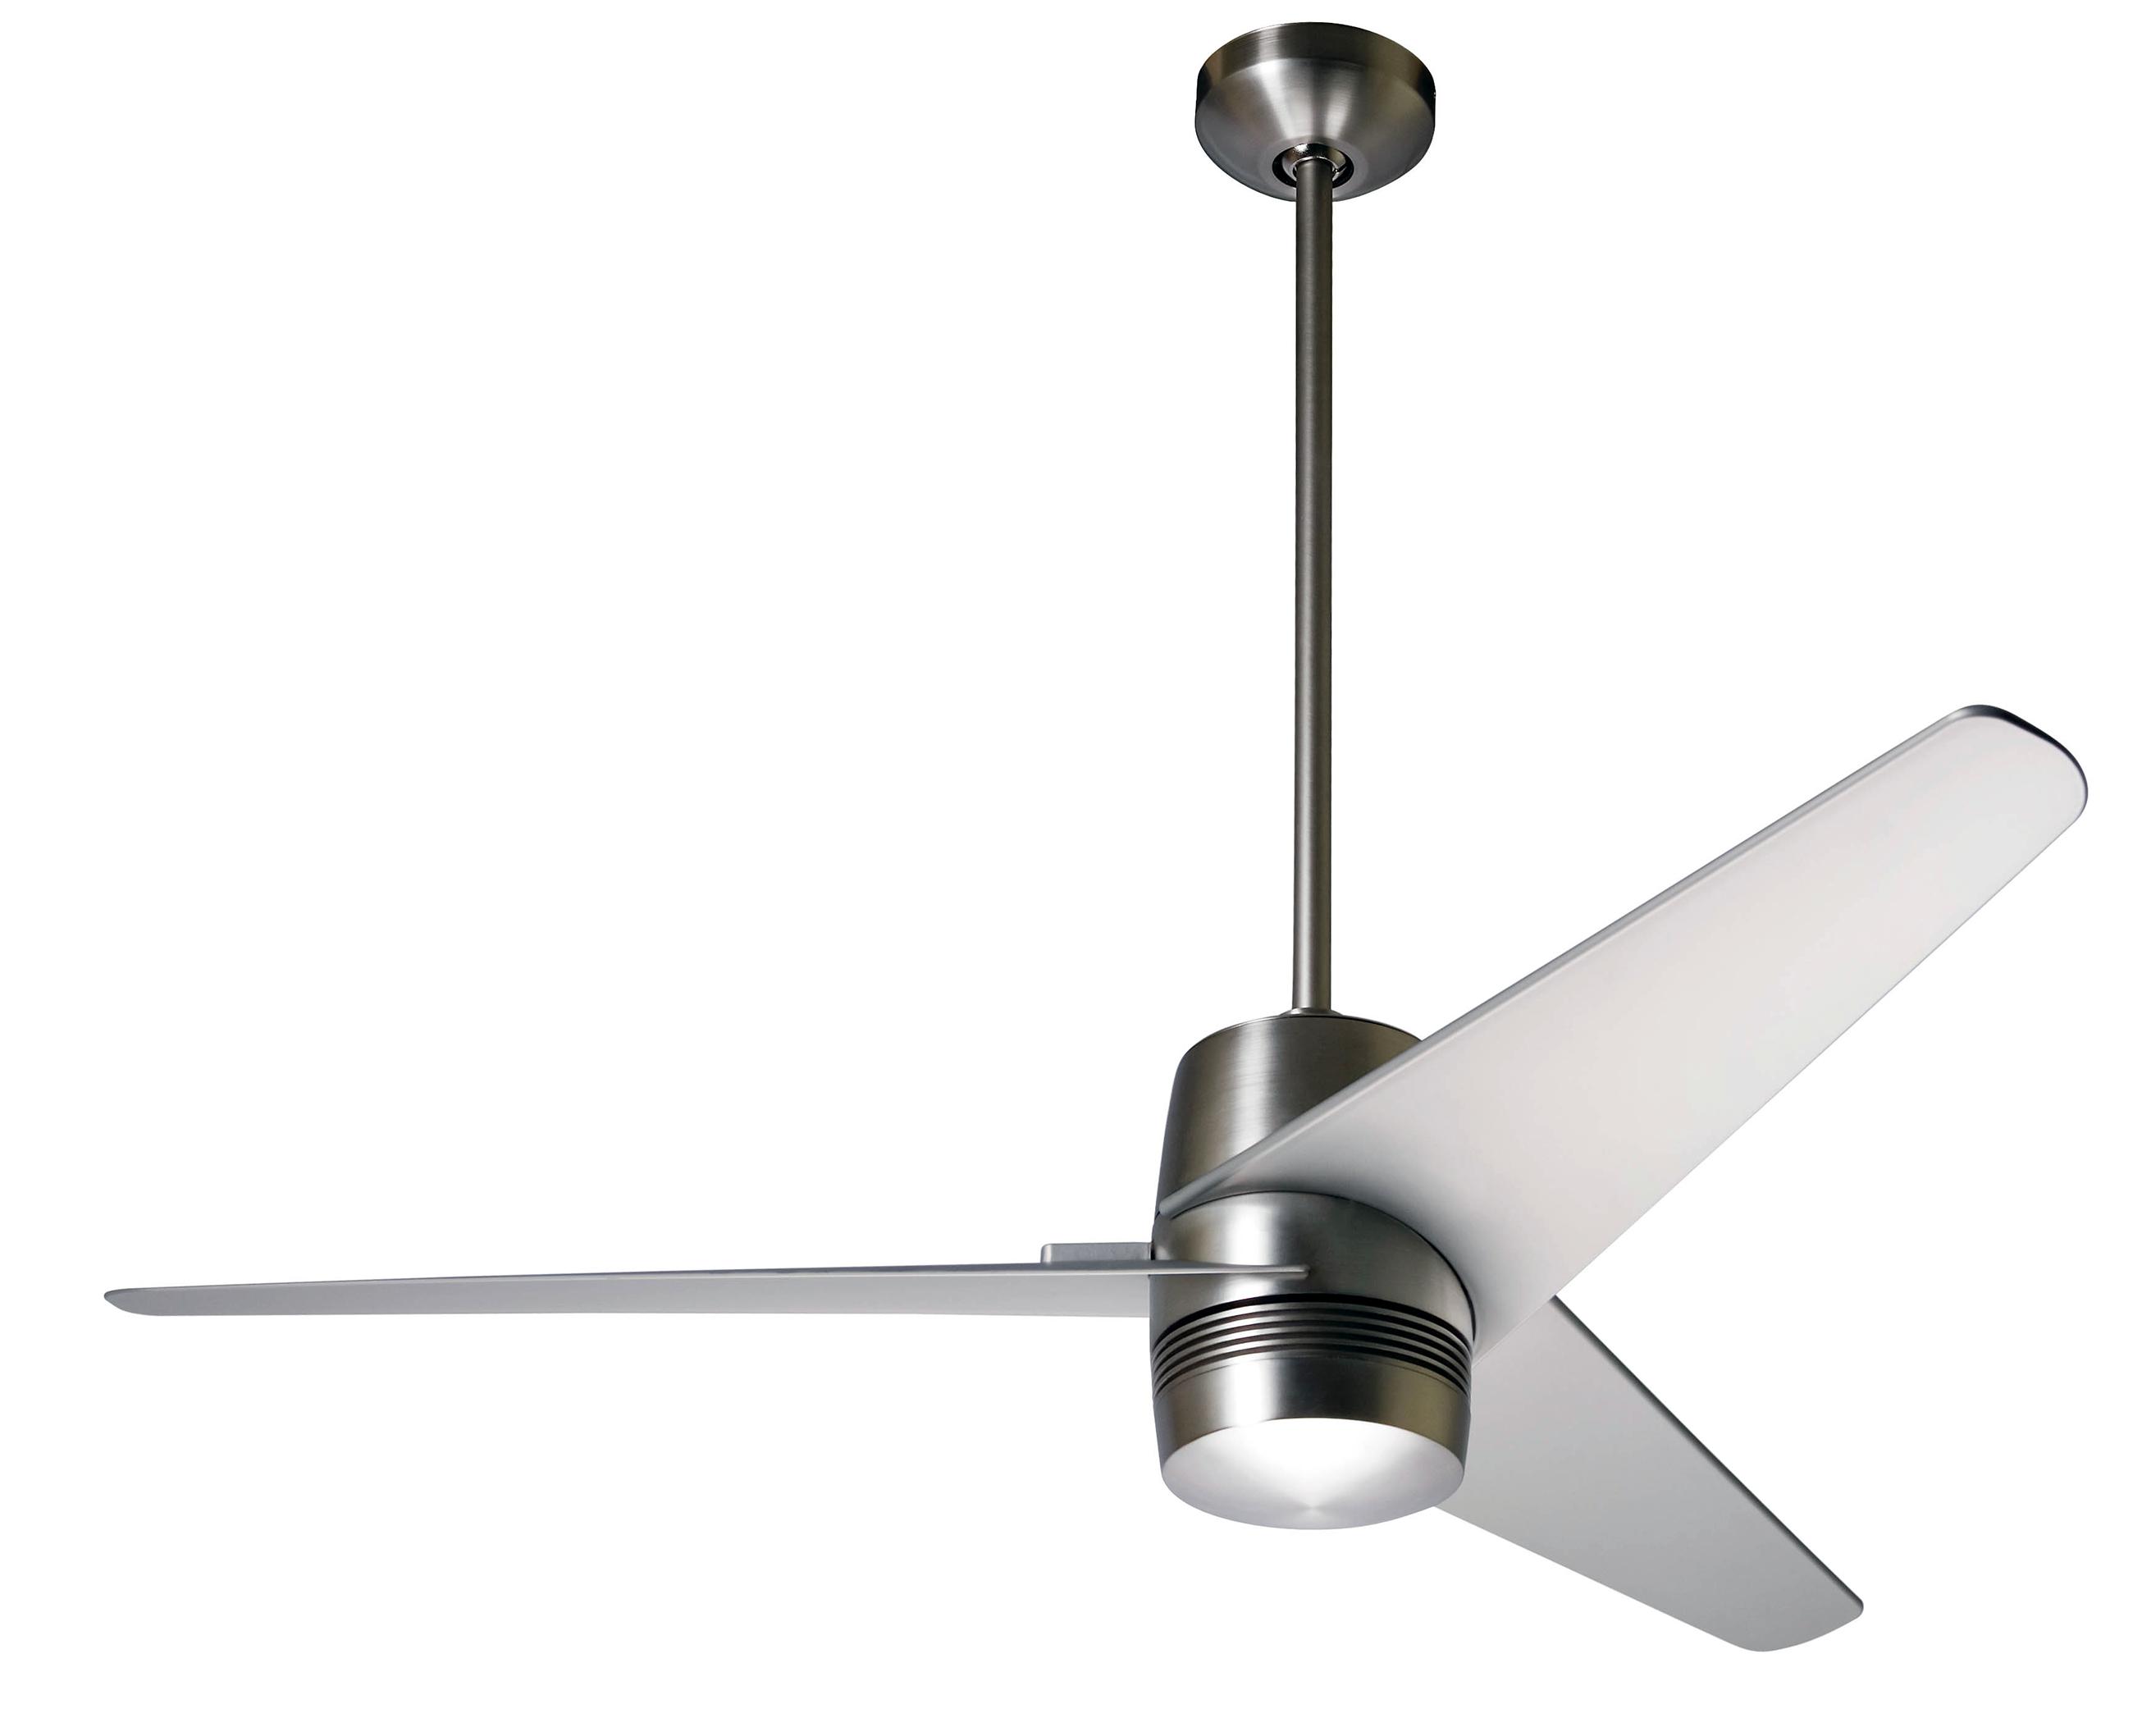 . DesignApplause   Velo ceiling fan  Modern fan